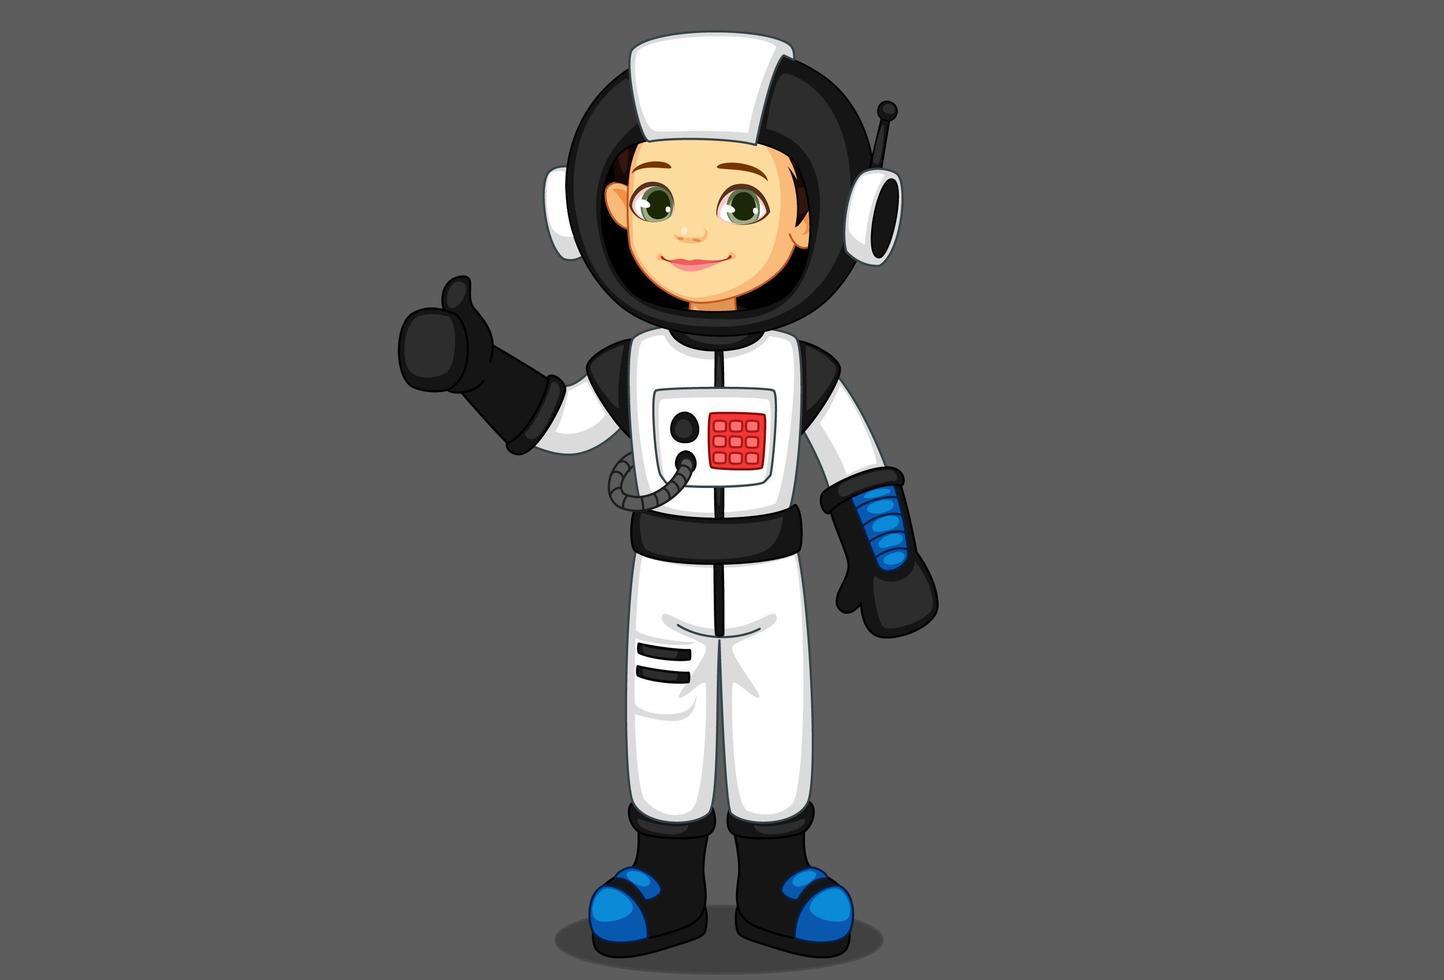 süßes kleines Astronautenmädchen, das Daumen zeigt vektor